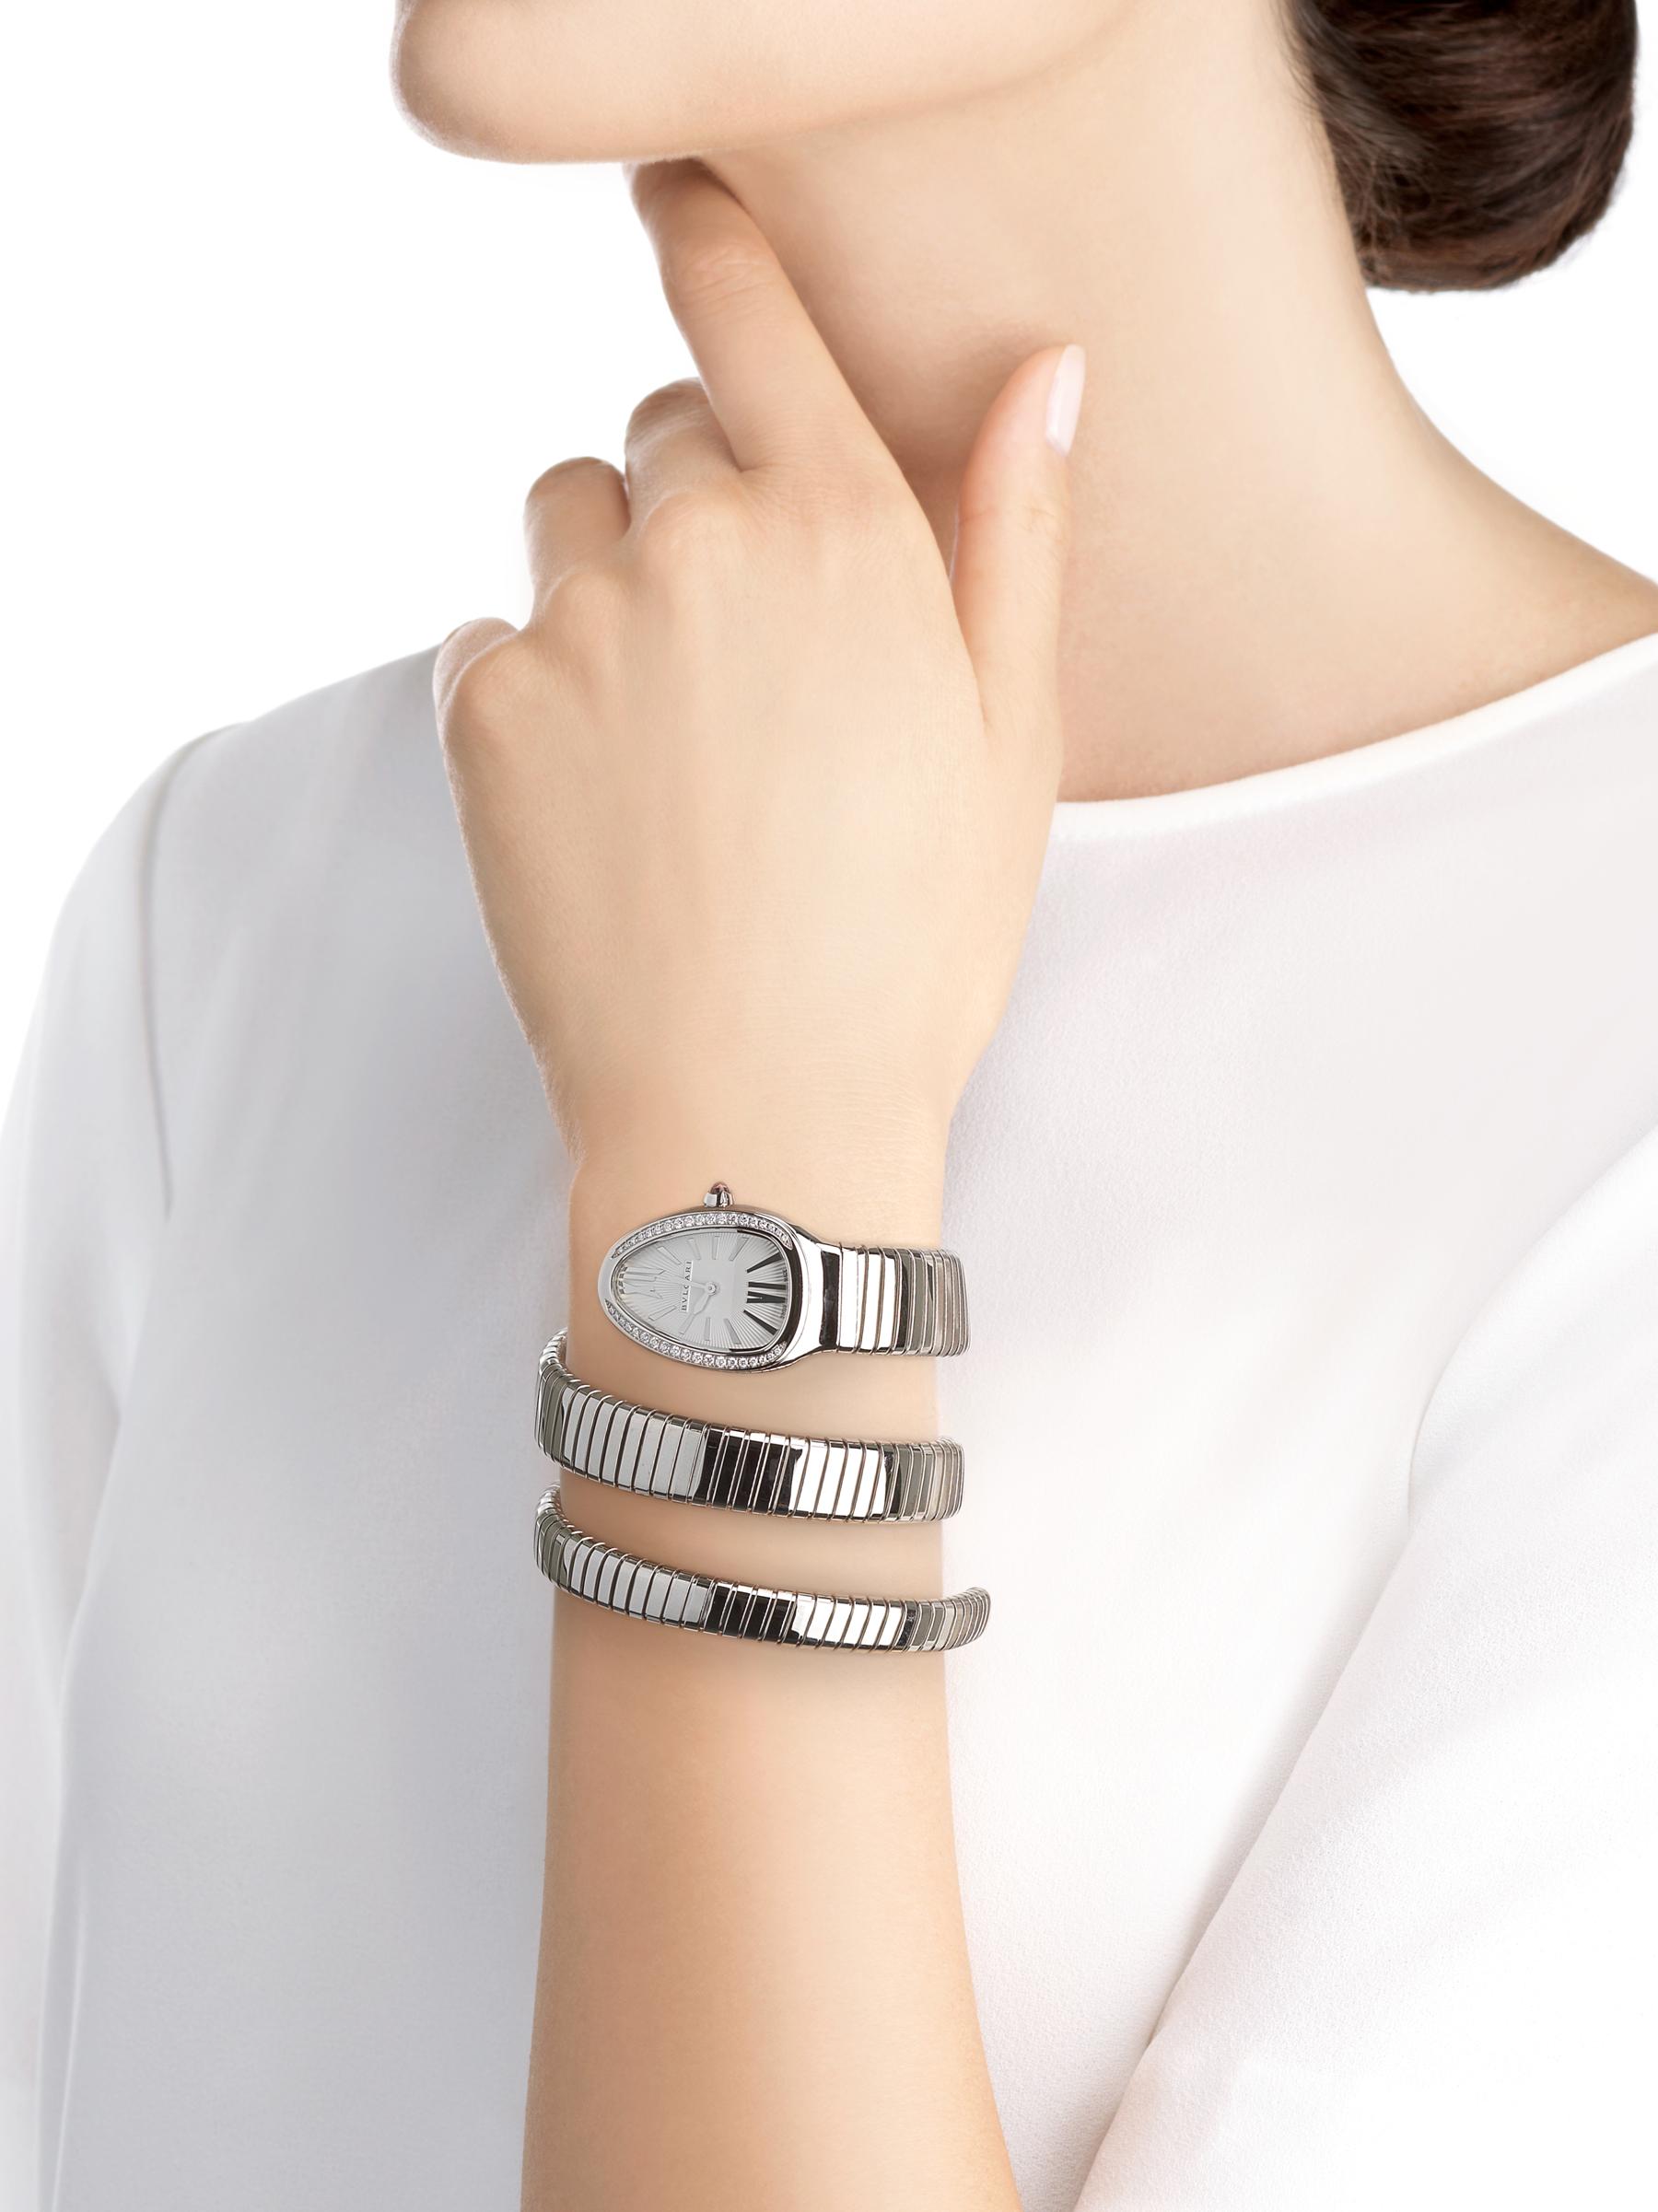 Montre Serpenti Tubogas avec boîtier et bracelet double spirale en acier inoxydable, lunette sertie de diamants taille brillant et cadran en opaline argentée. 101910 image 4